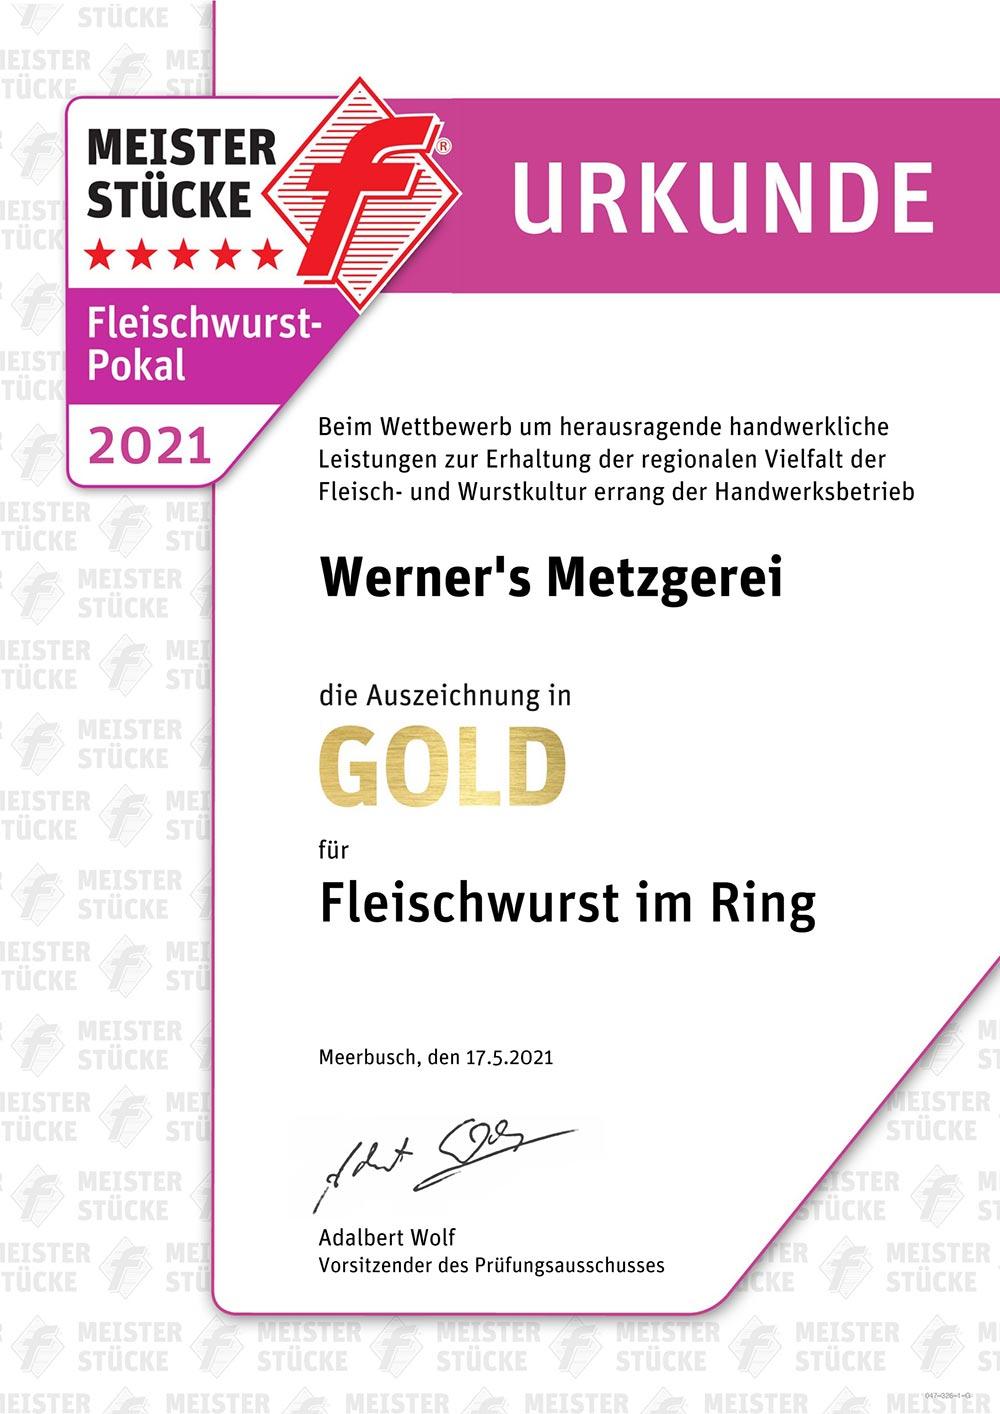 Qualitätsprüfung, Fleischwurst am Ring, Urkunde